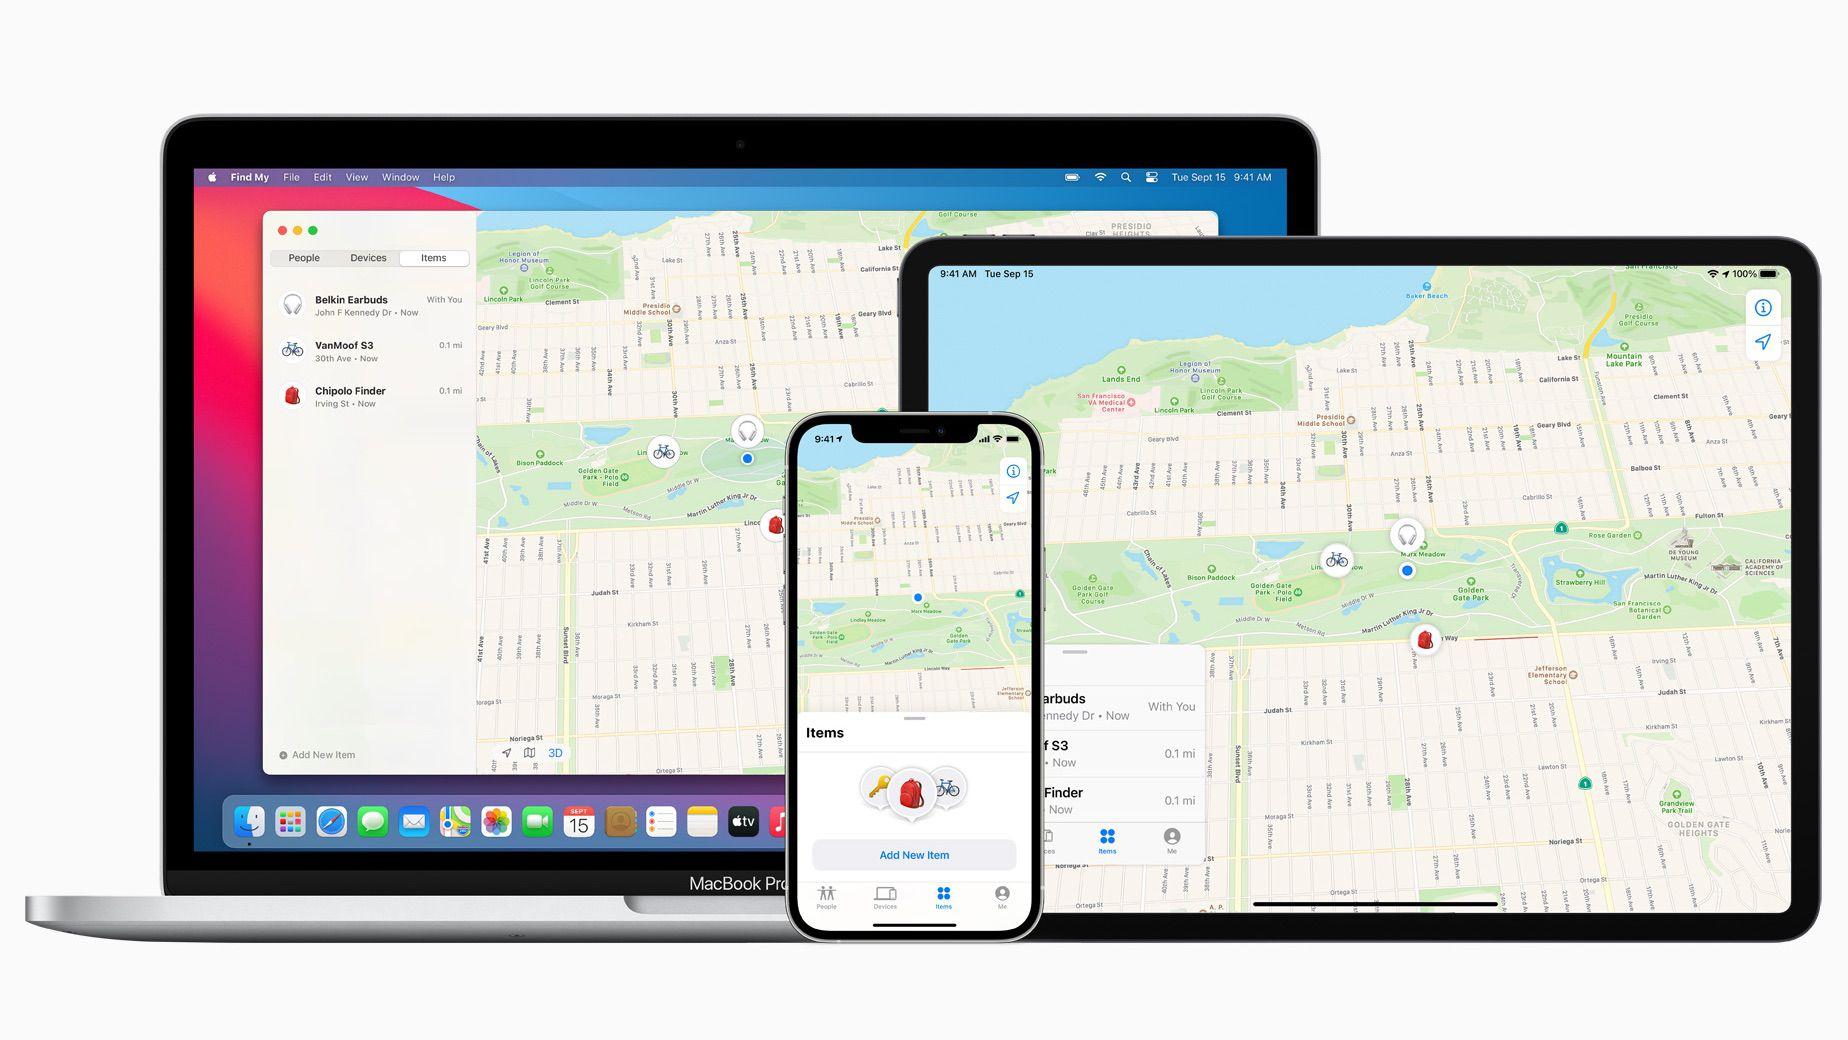 Эппл обновили программу Find My, теперь с ее помощью вы можете найти и сторонние устройства от Belkin и VanMoof, остальные блютус устройства приглашаются к партнерству.На всякий случай, чтобы было понятно - по сути все айфоны мира собирают информацию о блю